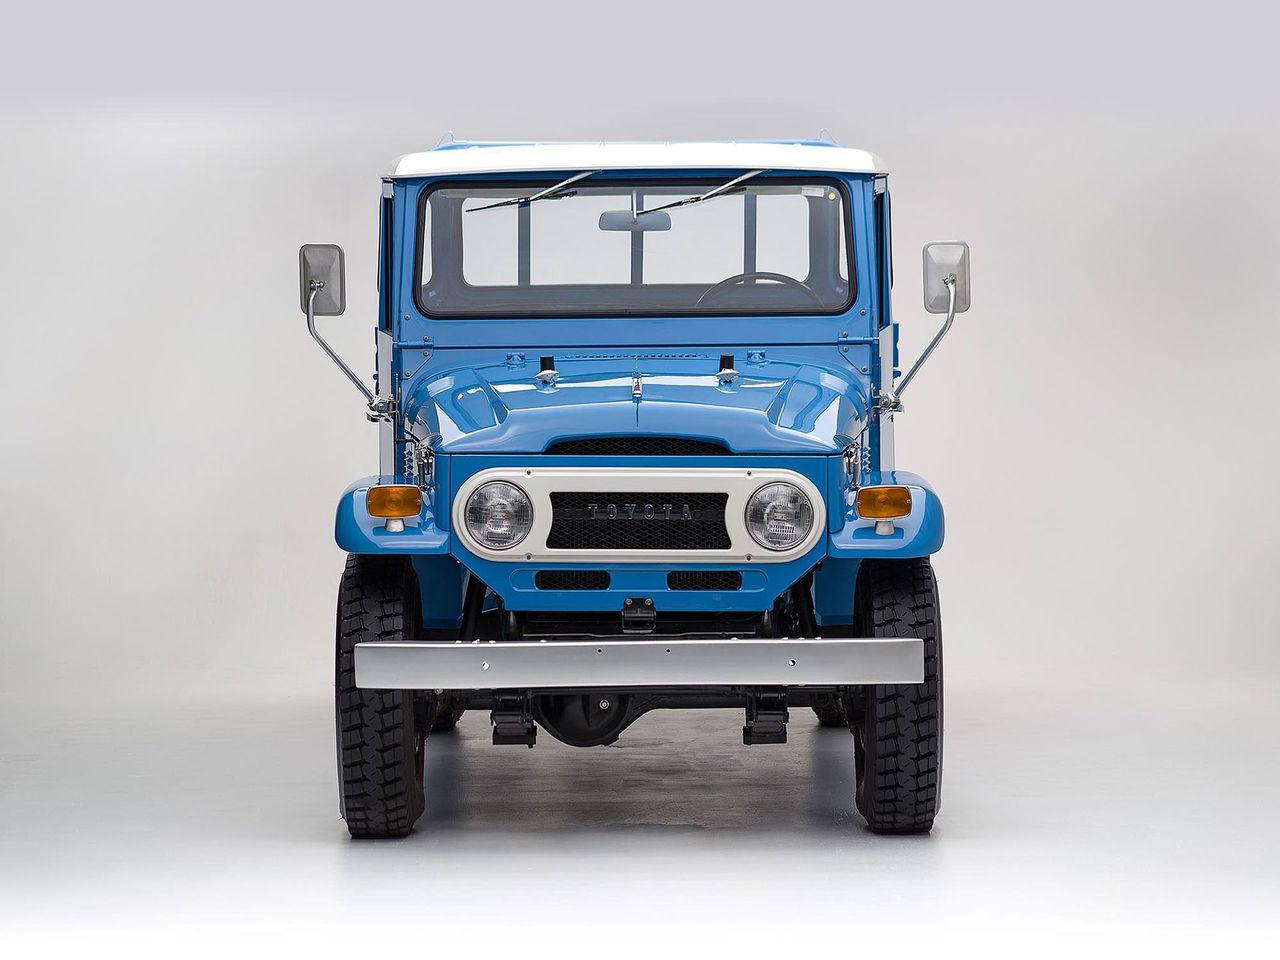 Fantastisk Toyota Land Cruiser FJ87 såld på ebay